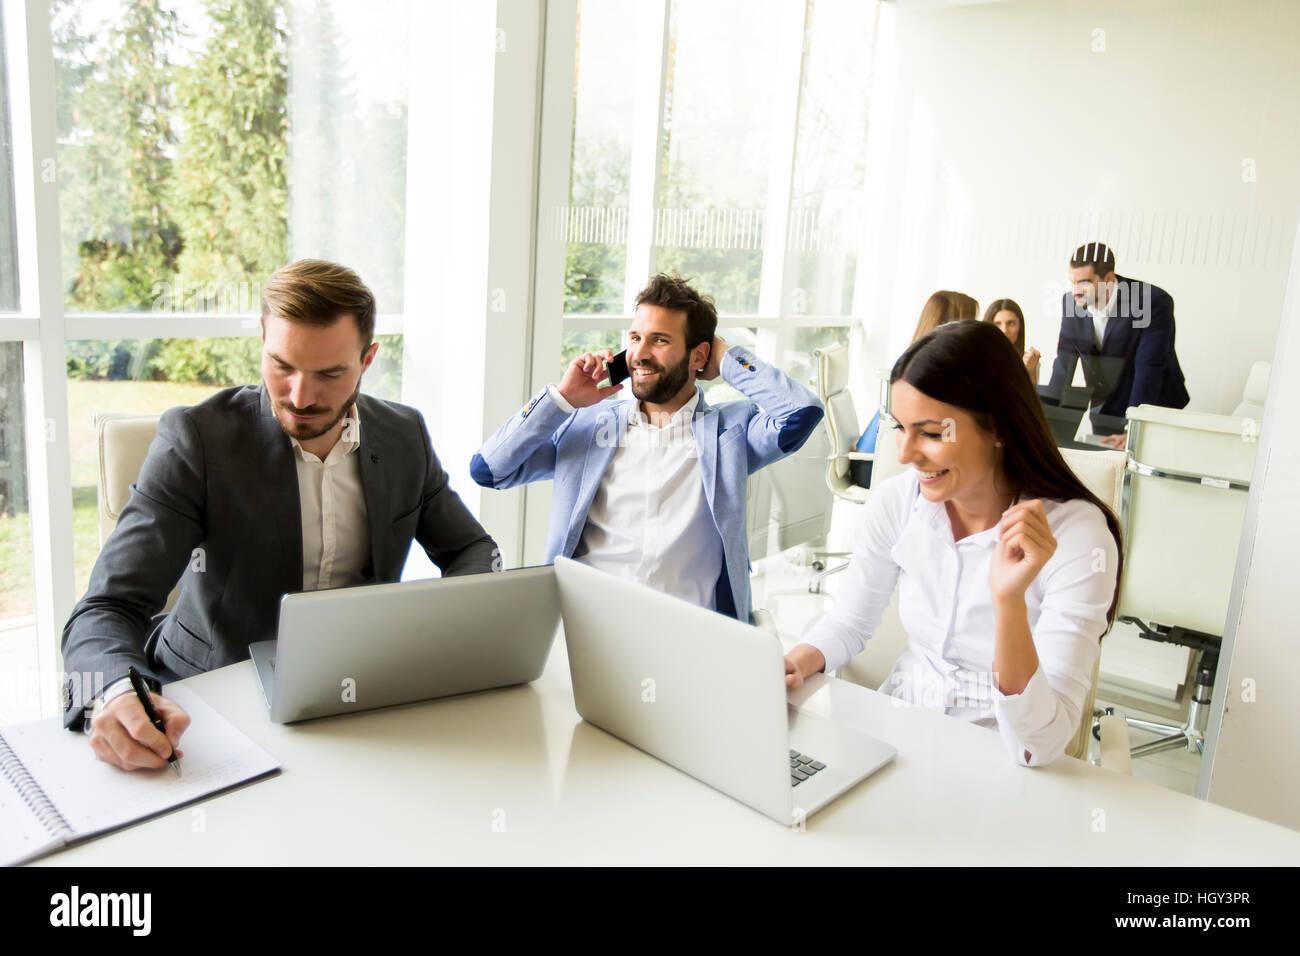 Junge Geschäftsleute mit Treffen in modernen Büro Stockbild